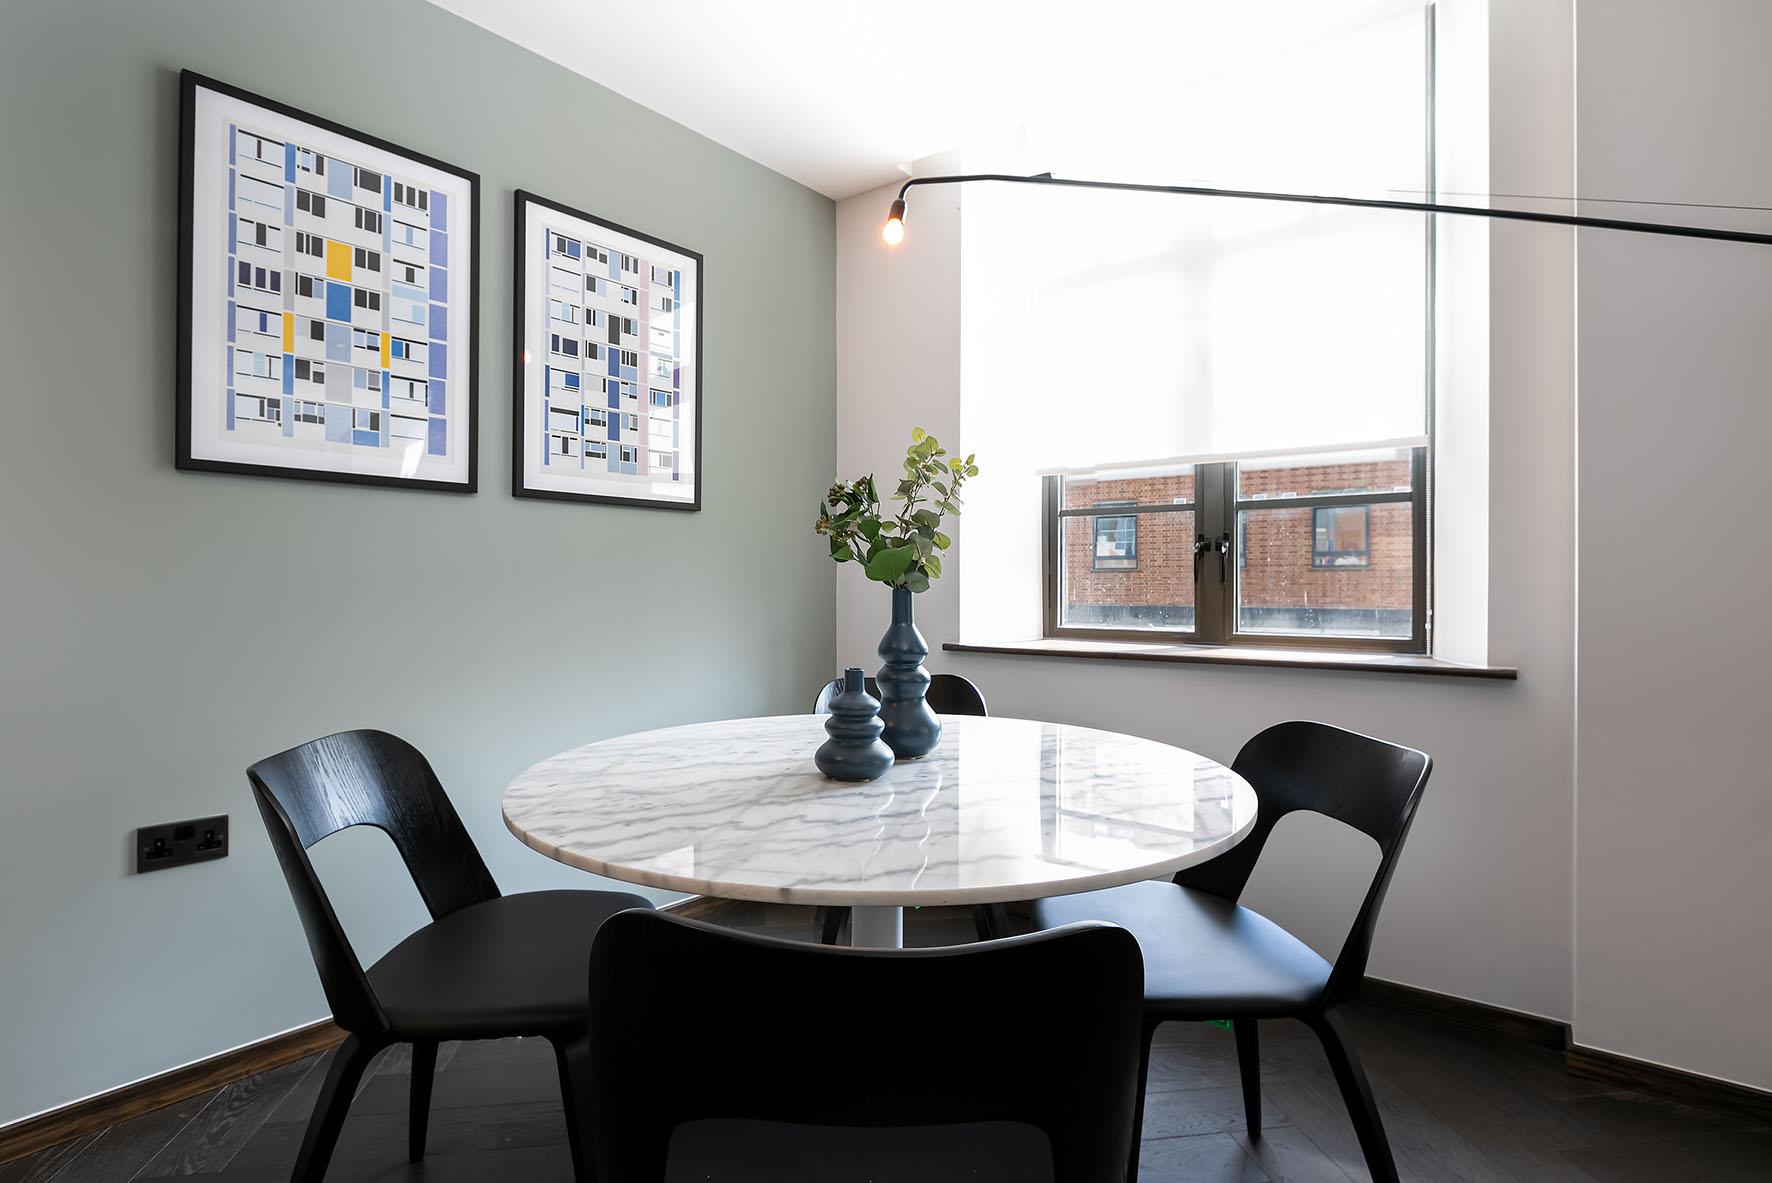 Lovelydays luxury service apartment rental - London - Soho - Oxford Street V - Lovelysuite - 1 bedrooms - 1 bathrooms - Dining living room - bcc174c5e2ae - Lovelydays